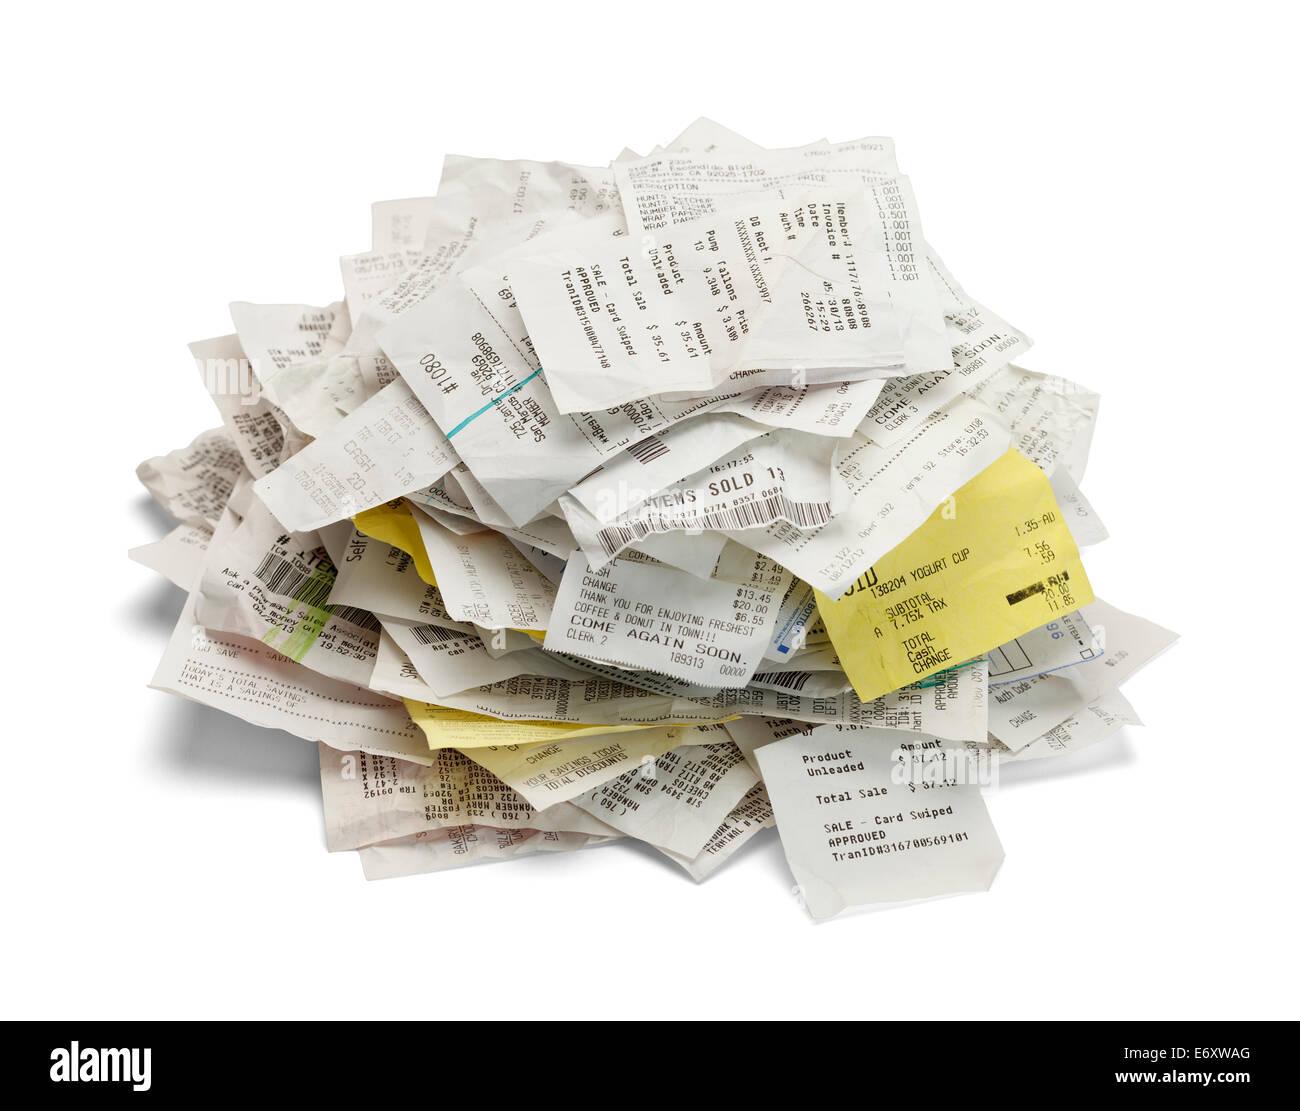 Tas du papier reçus des ventes dans un monticule isolé sur fond blanc. Photo Stock